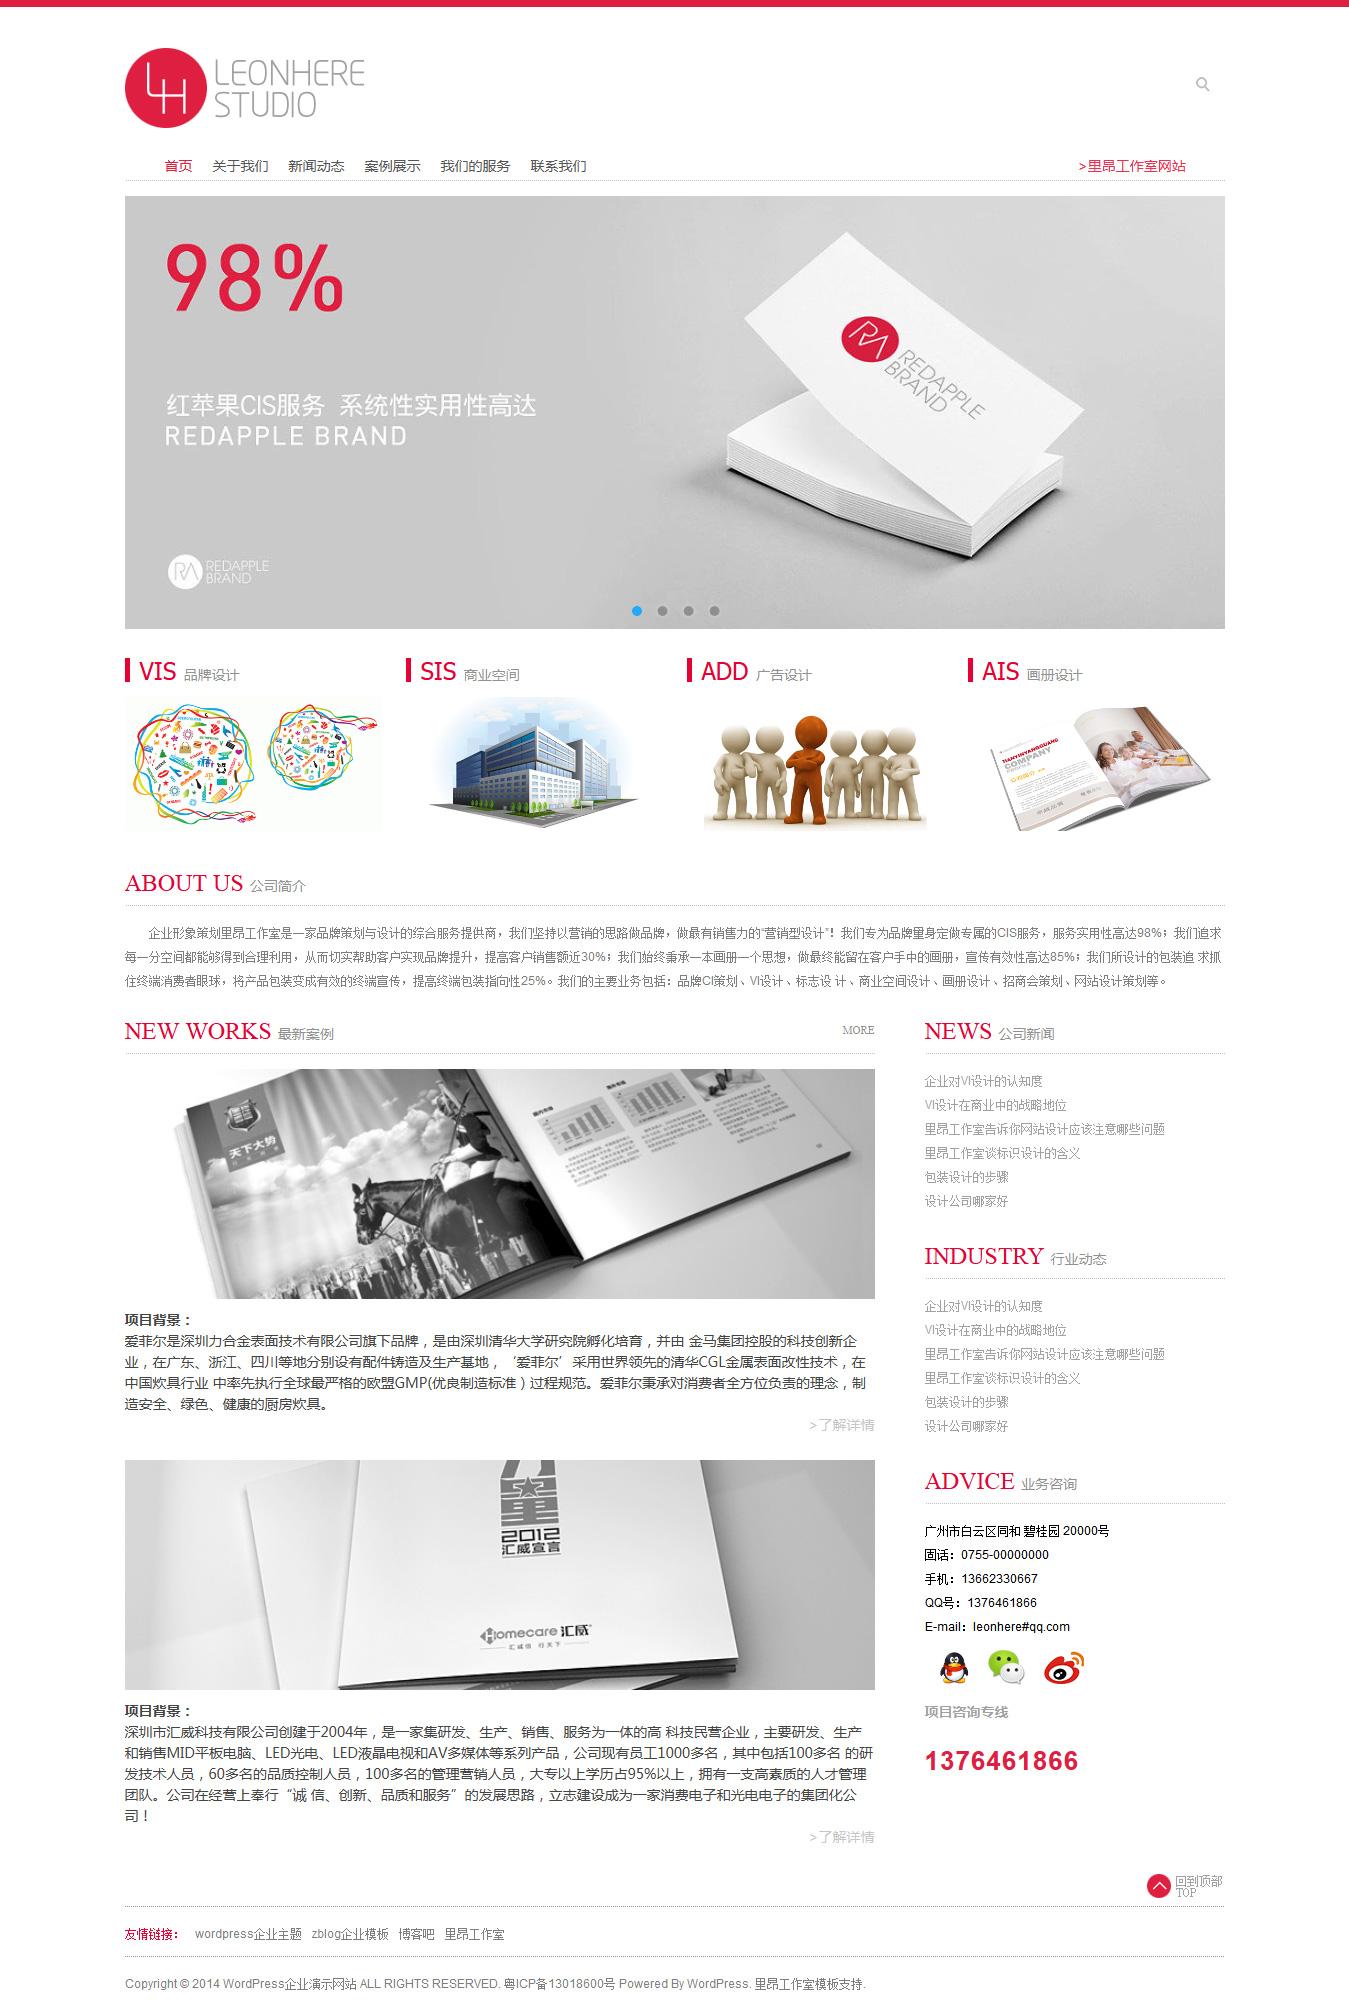 自适应wordpress设计工作室公司模板